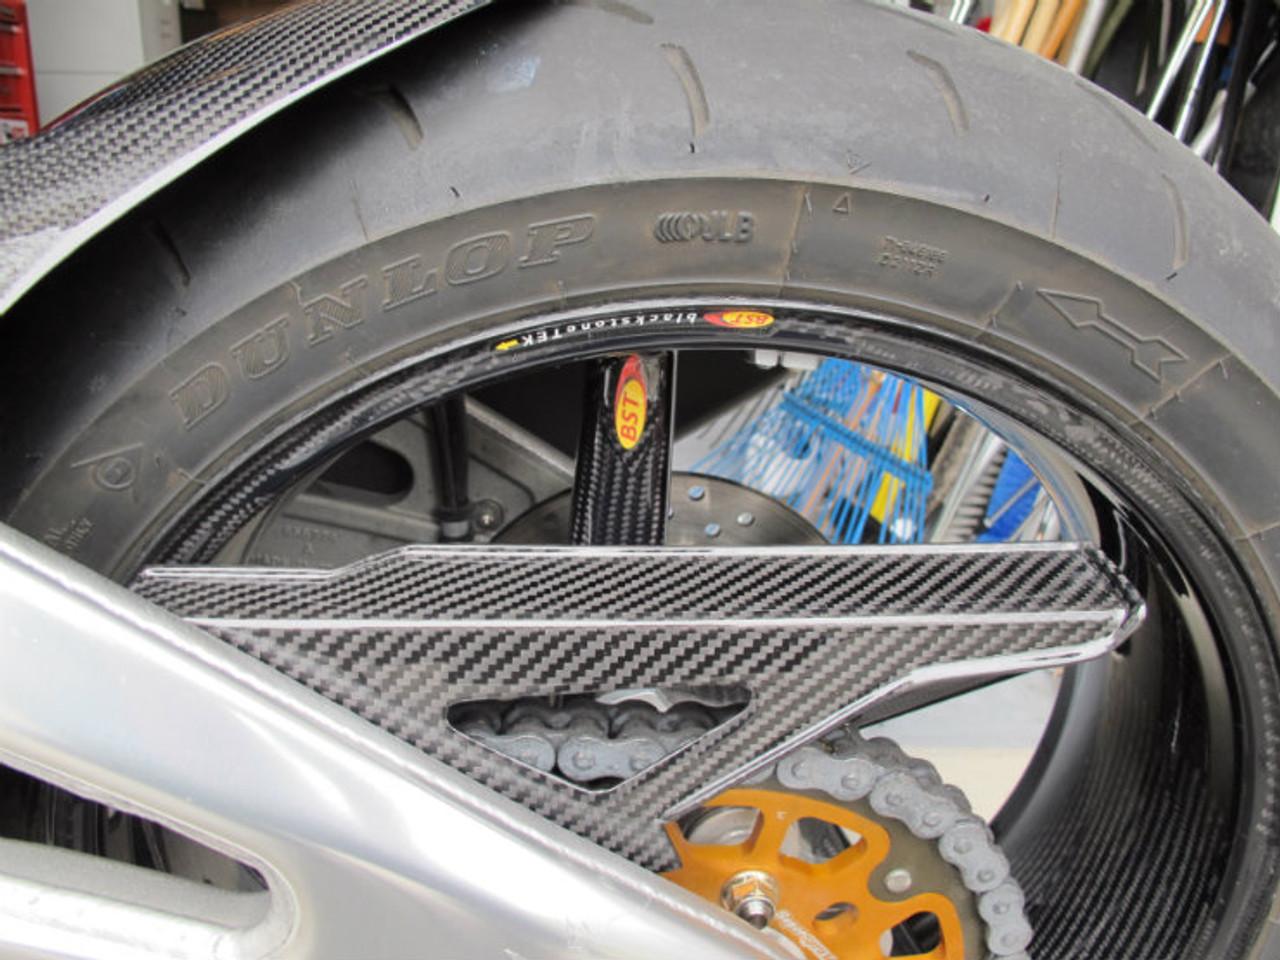 Glossy Twill Weave Upper Chain Guard for Aprilia RSV4 2009+, Tuono 2011+ installed